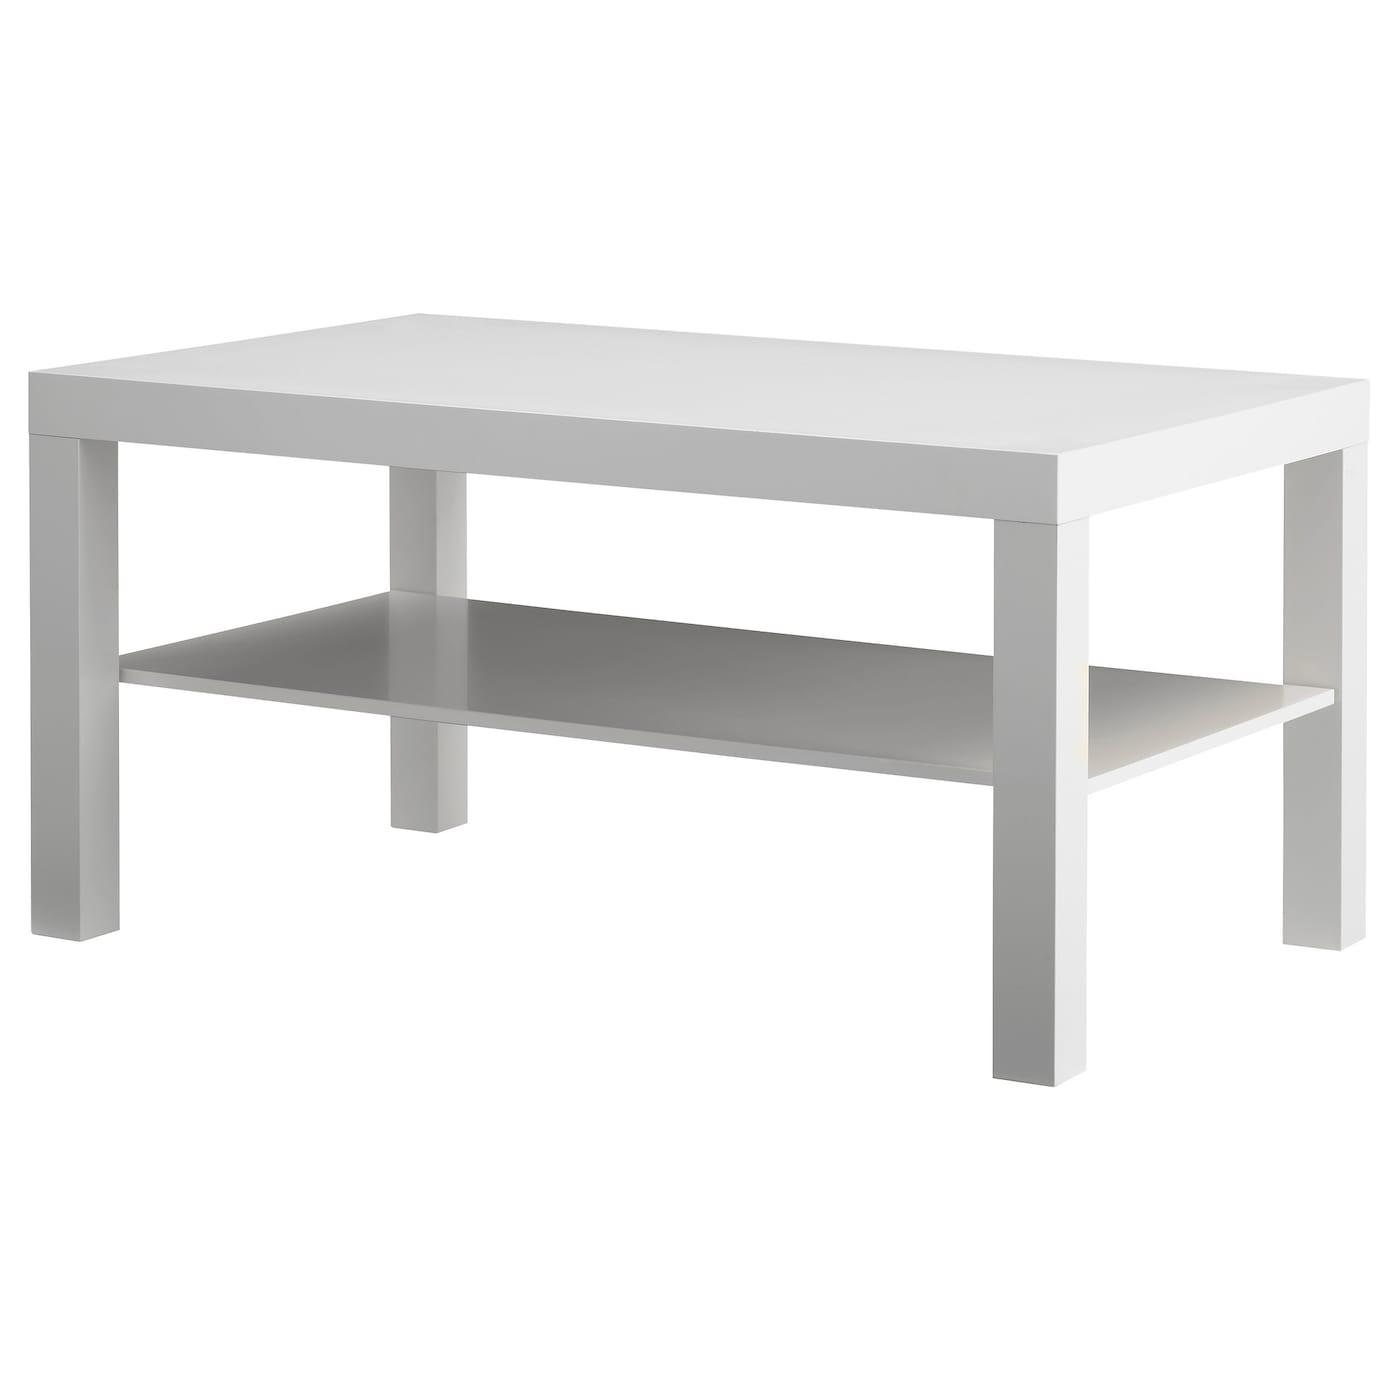 Attractive IKEA LACK Couchtisch, Weiß